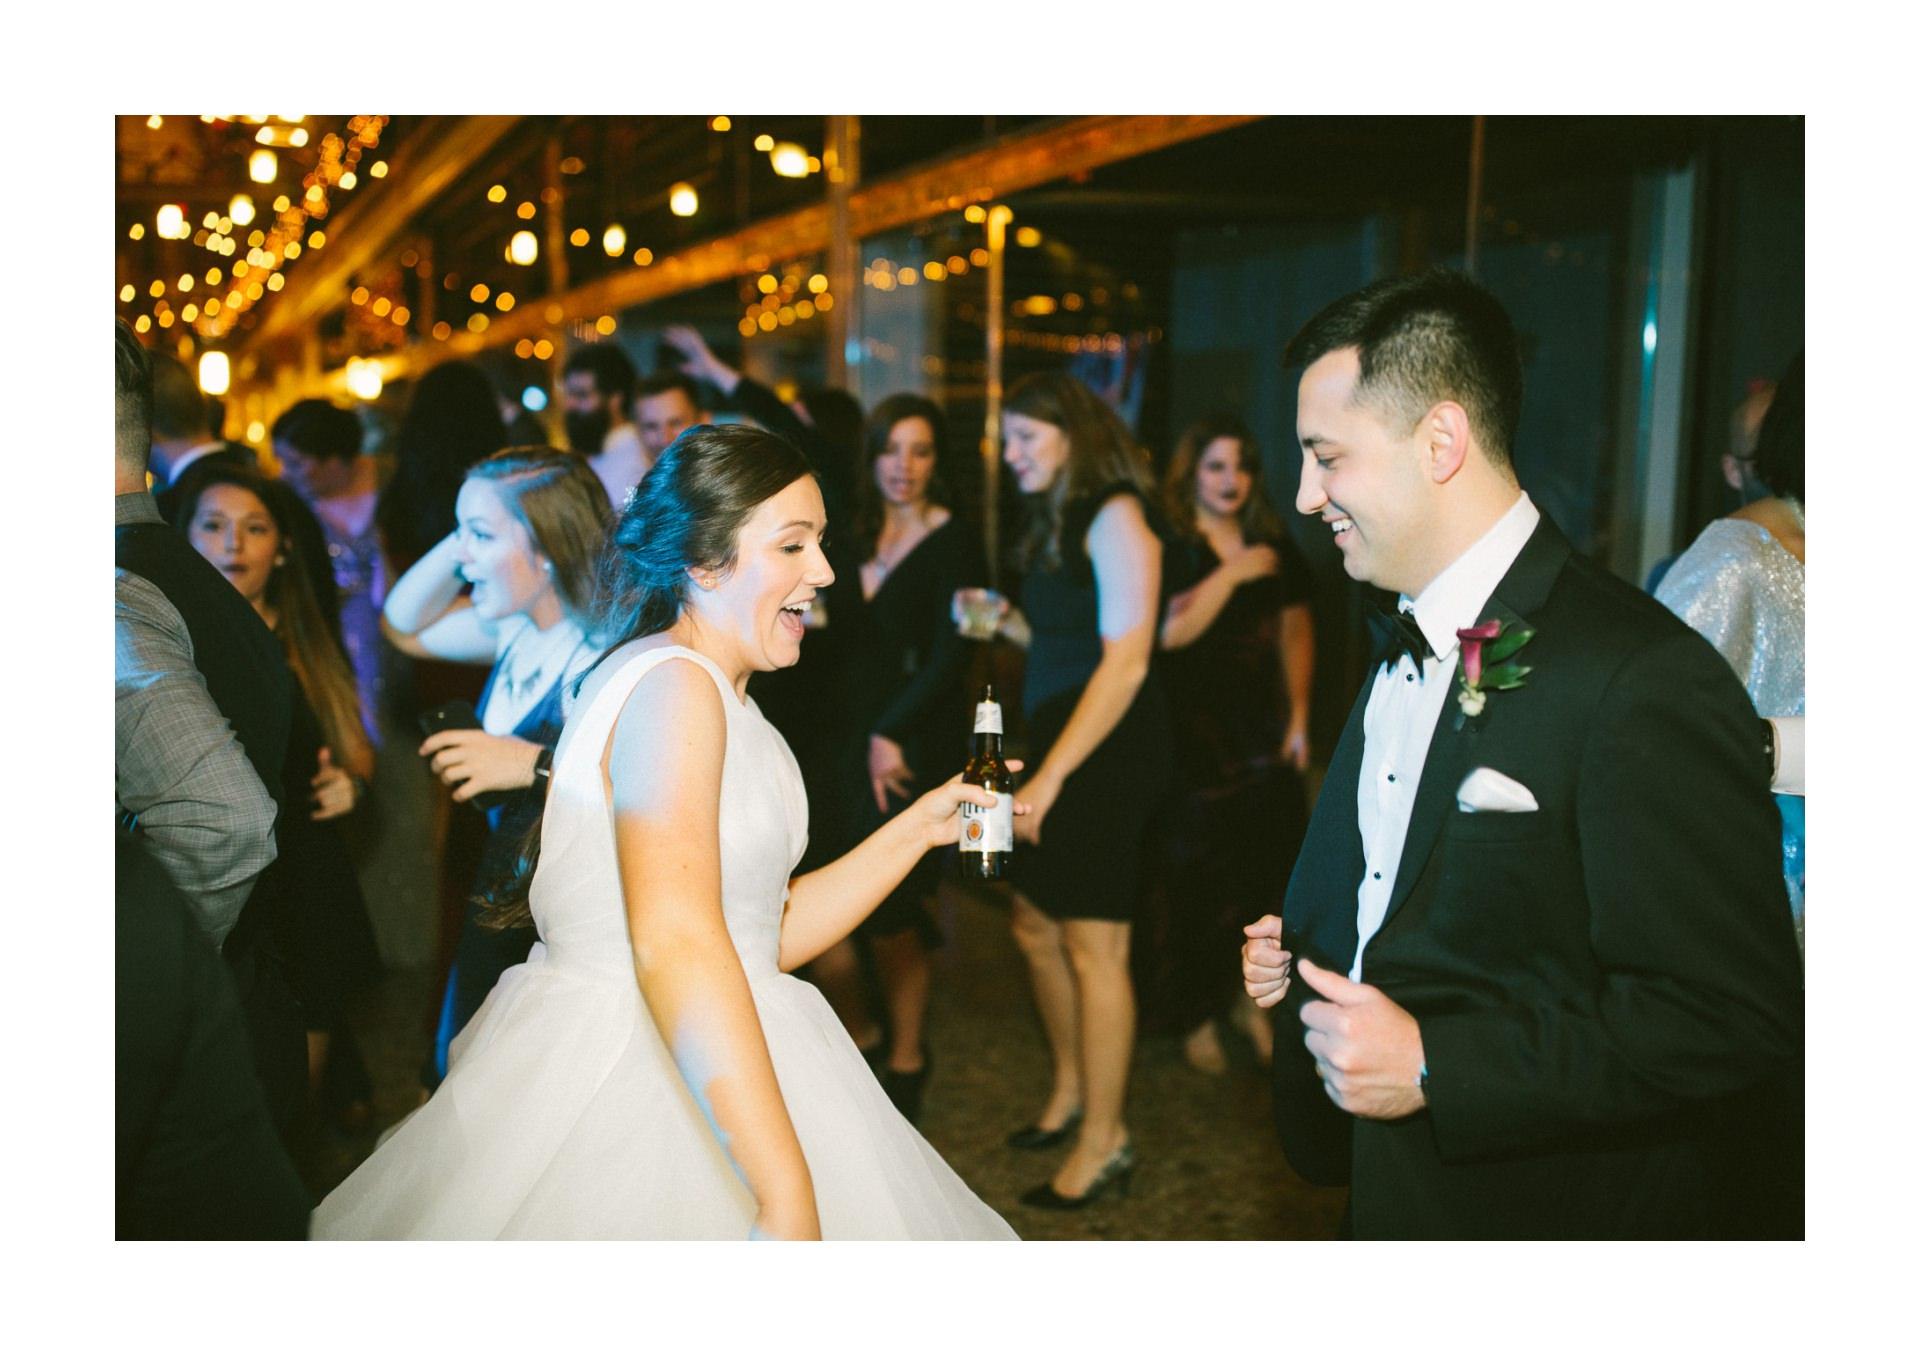 Hyatt Old Arcade Wedding Photographer in Cleveland 2 24.jpg